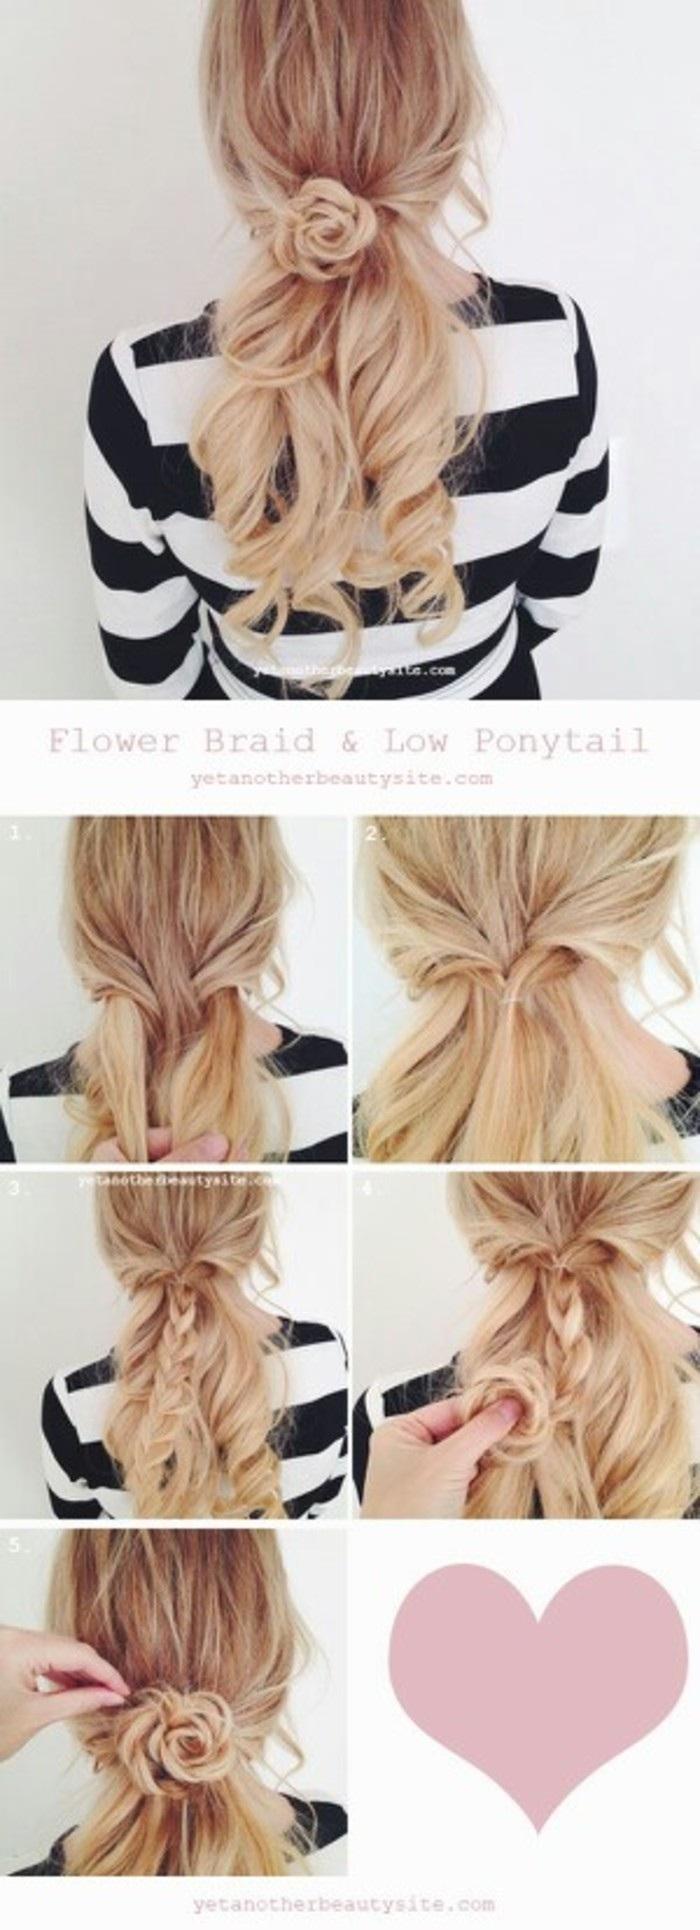 coiffures-pratiques-pour-cheveux-courts-a-mi-longs-12